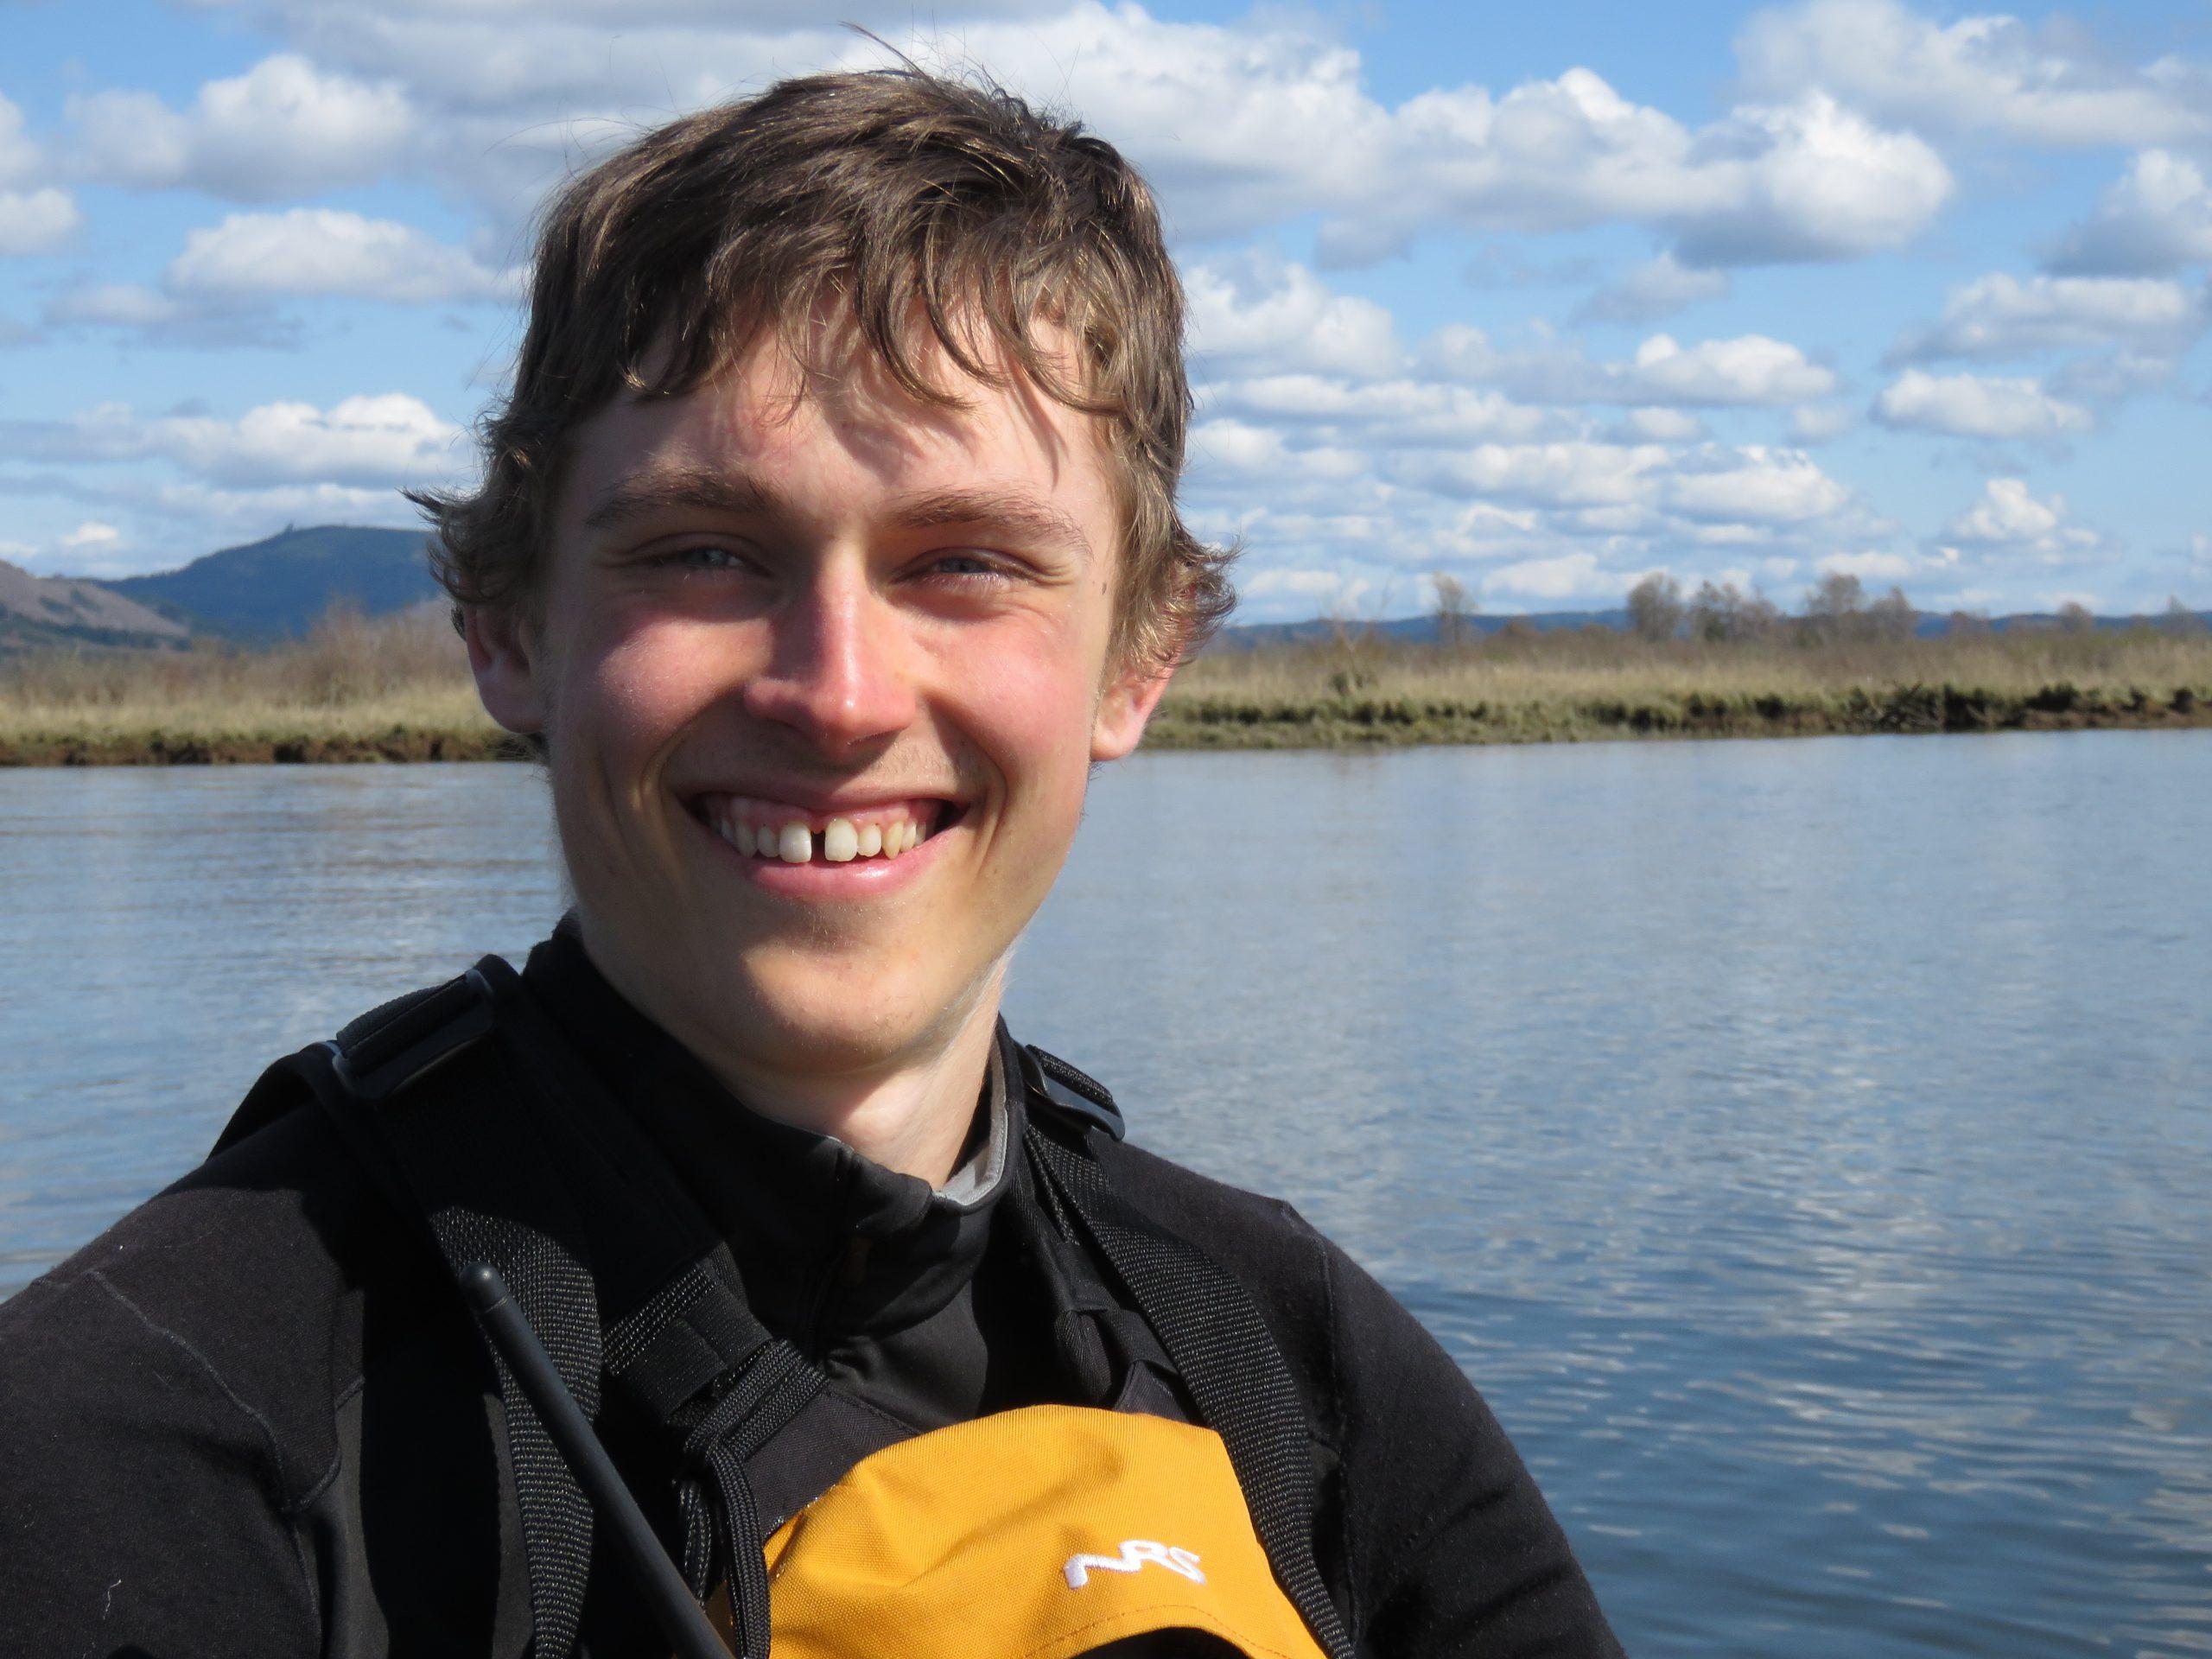 Connor Emlen-Petterson